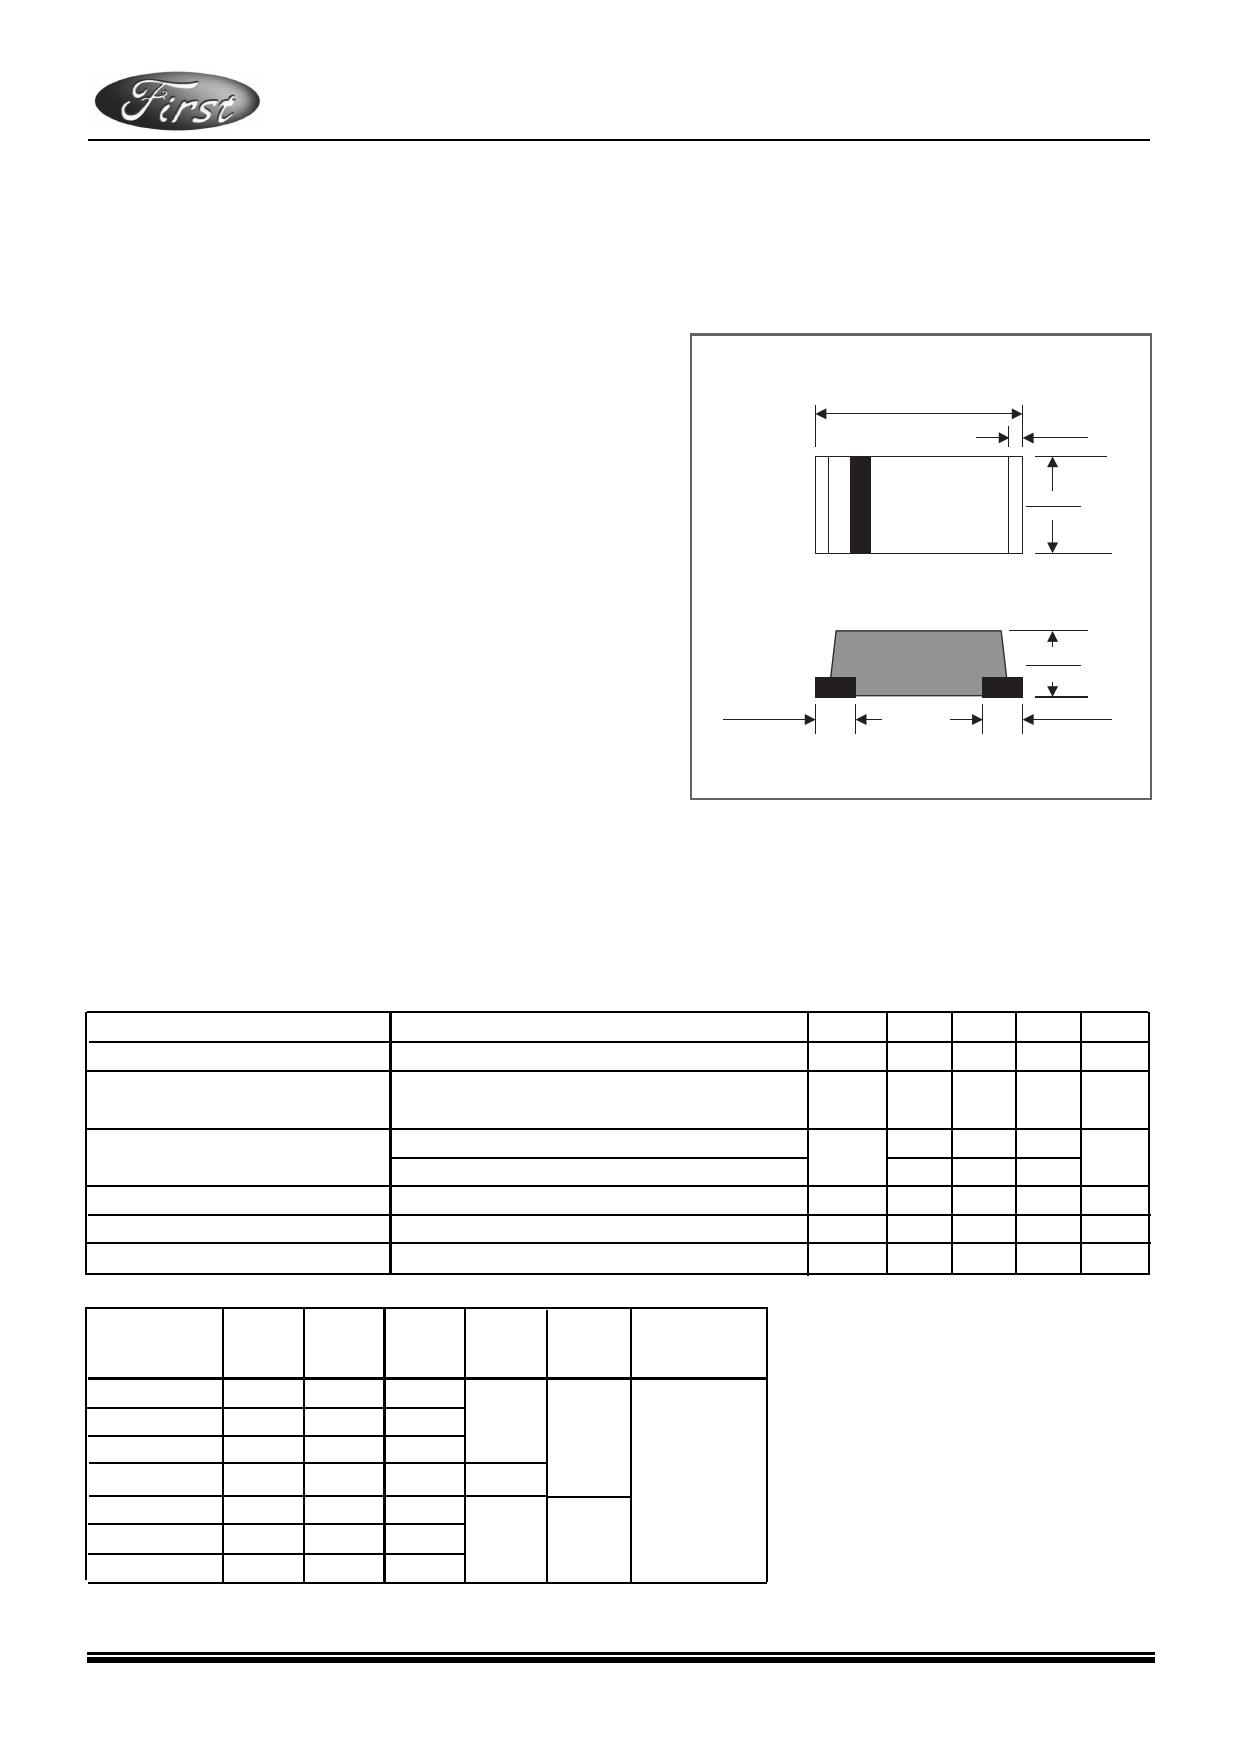 MURA280BG Datasheet